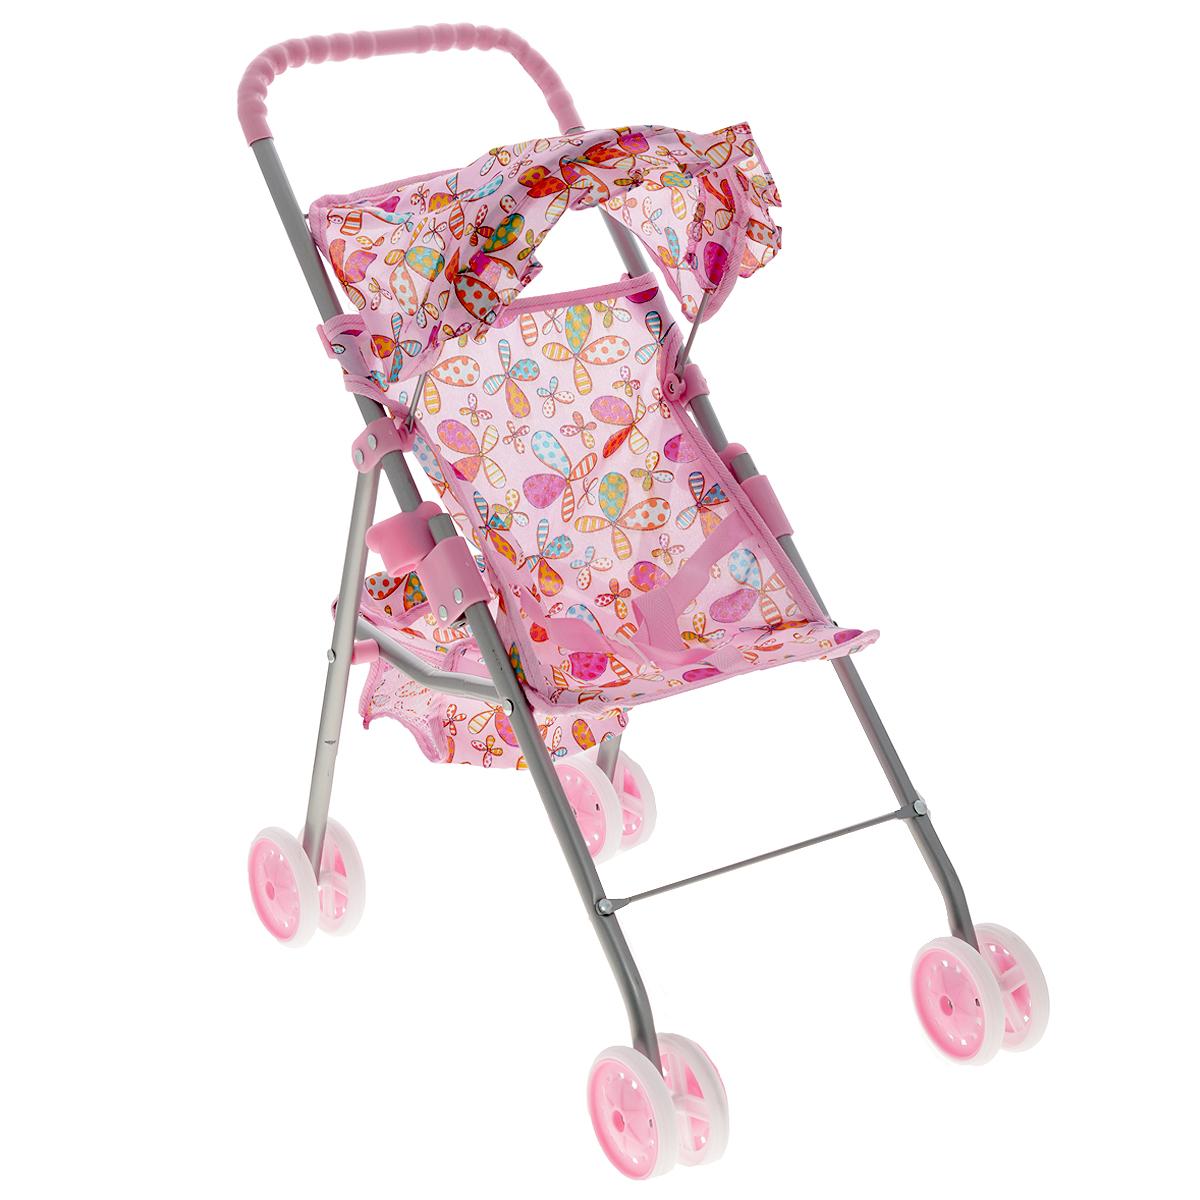 Купить Прогулочная коляска для кукол Melobo , цвет: розовый с цветочками, Foshan Melobo Toys Co. Ltd (Фошан Мелобо Тойс Ко., Лтд), Куклы и аксессуары